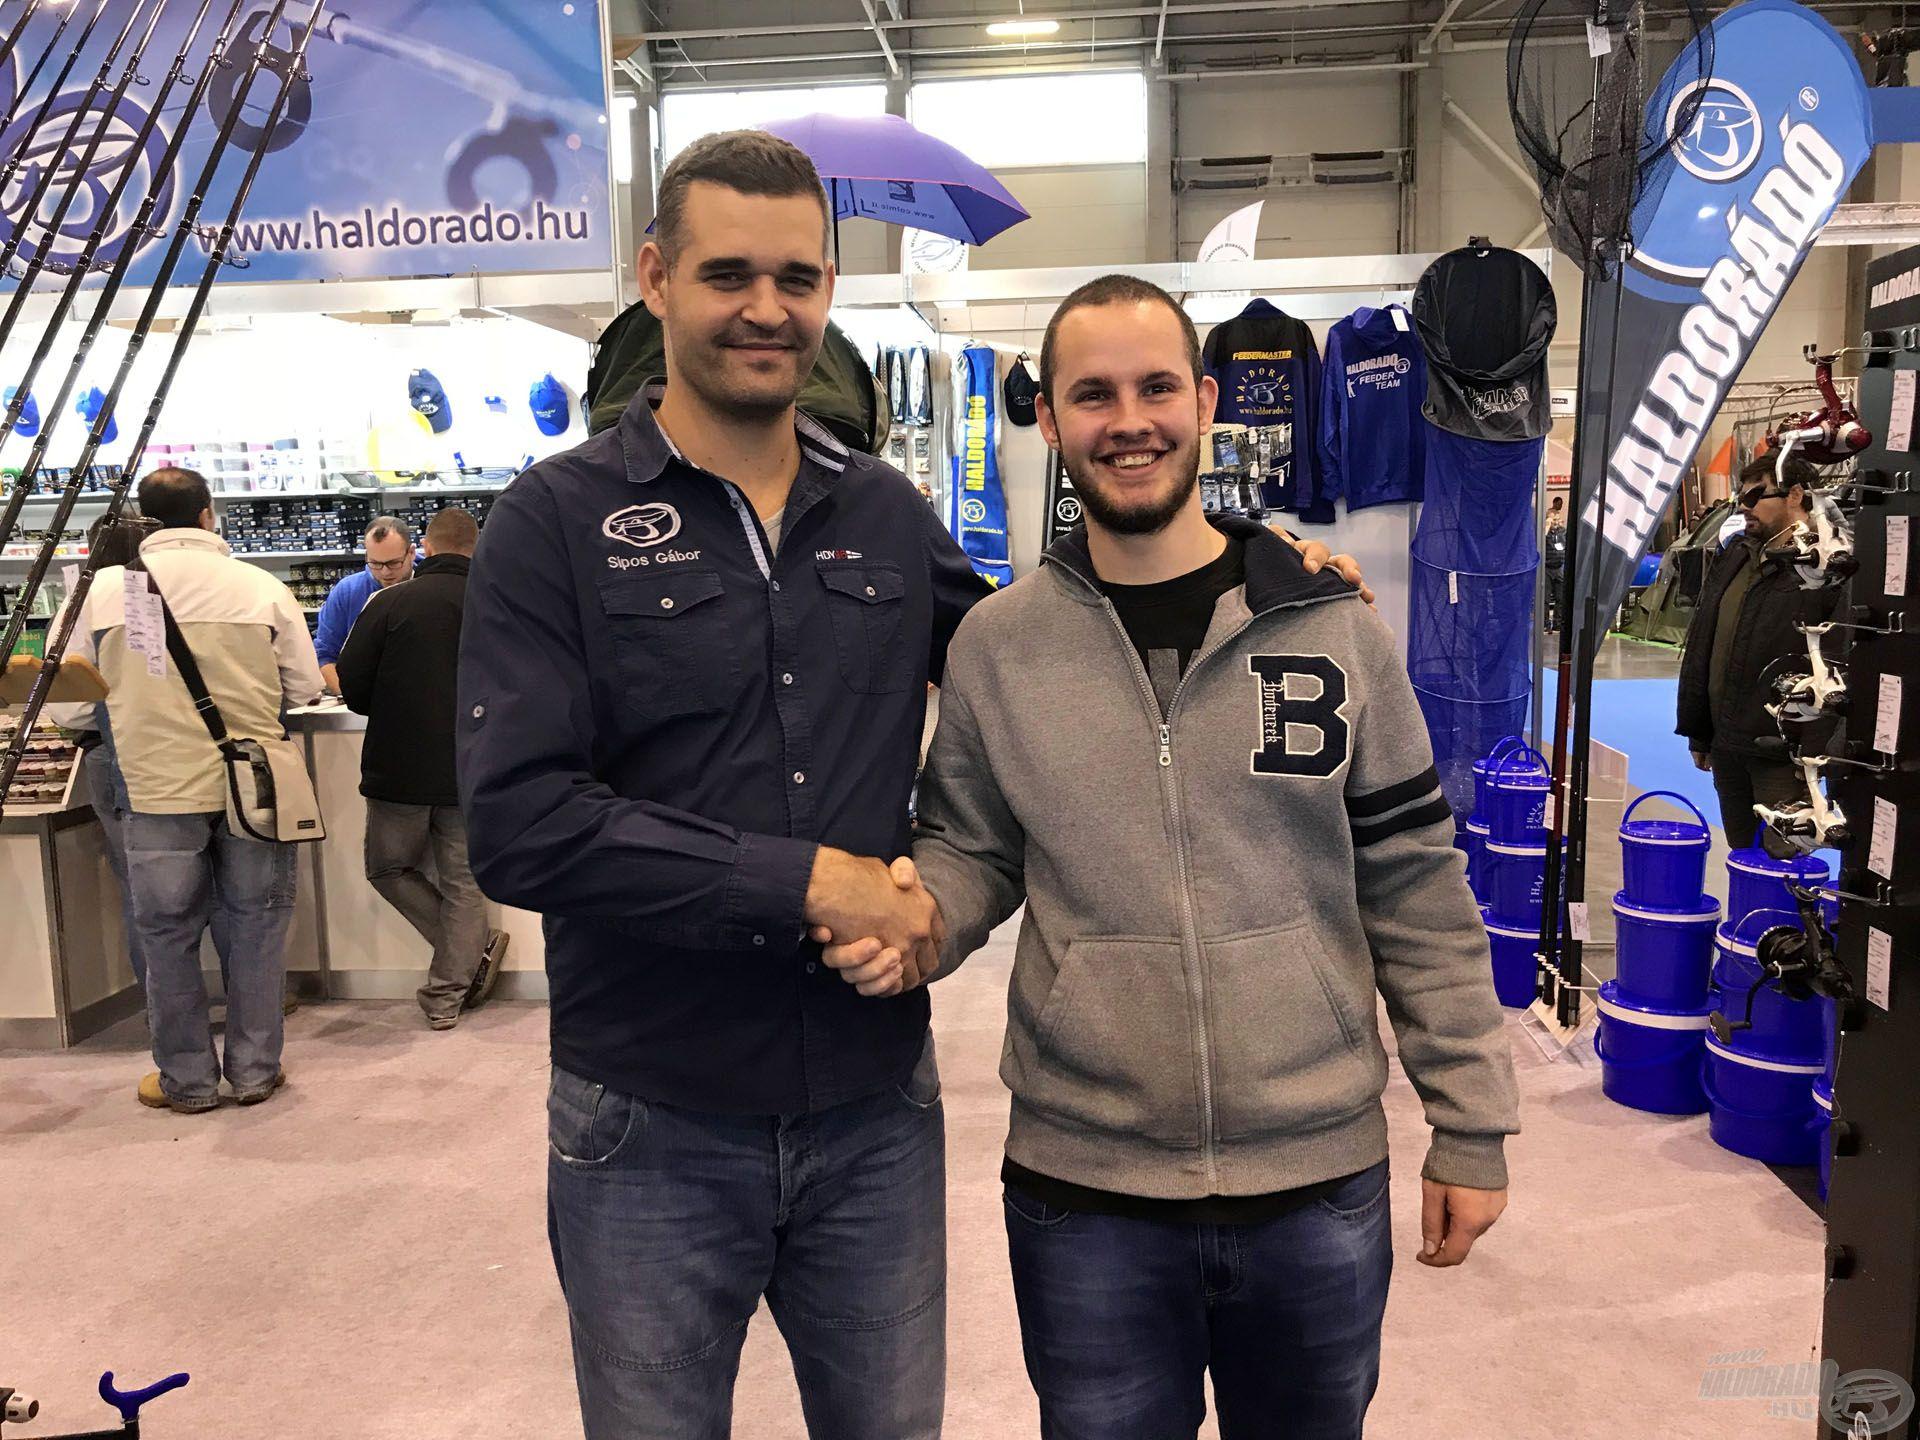 Nagy öröm volt találkozni azokkal a horgásztársakkal, akik nyomon követik munkásságomat